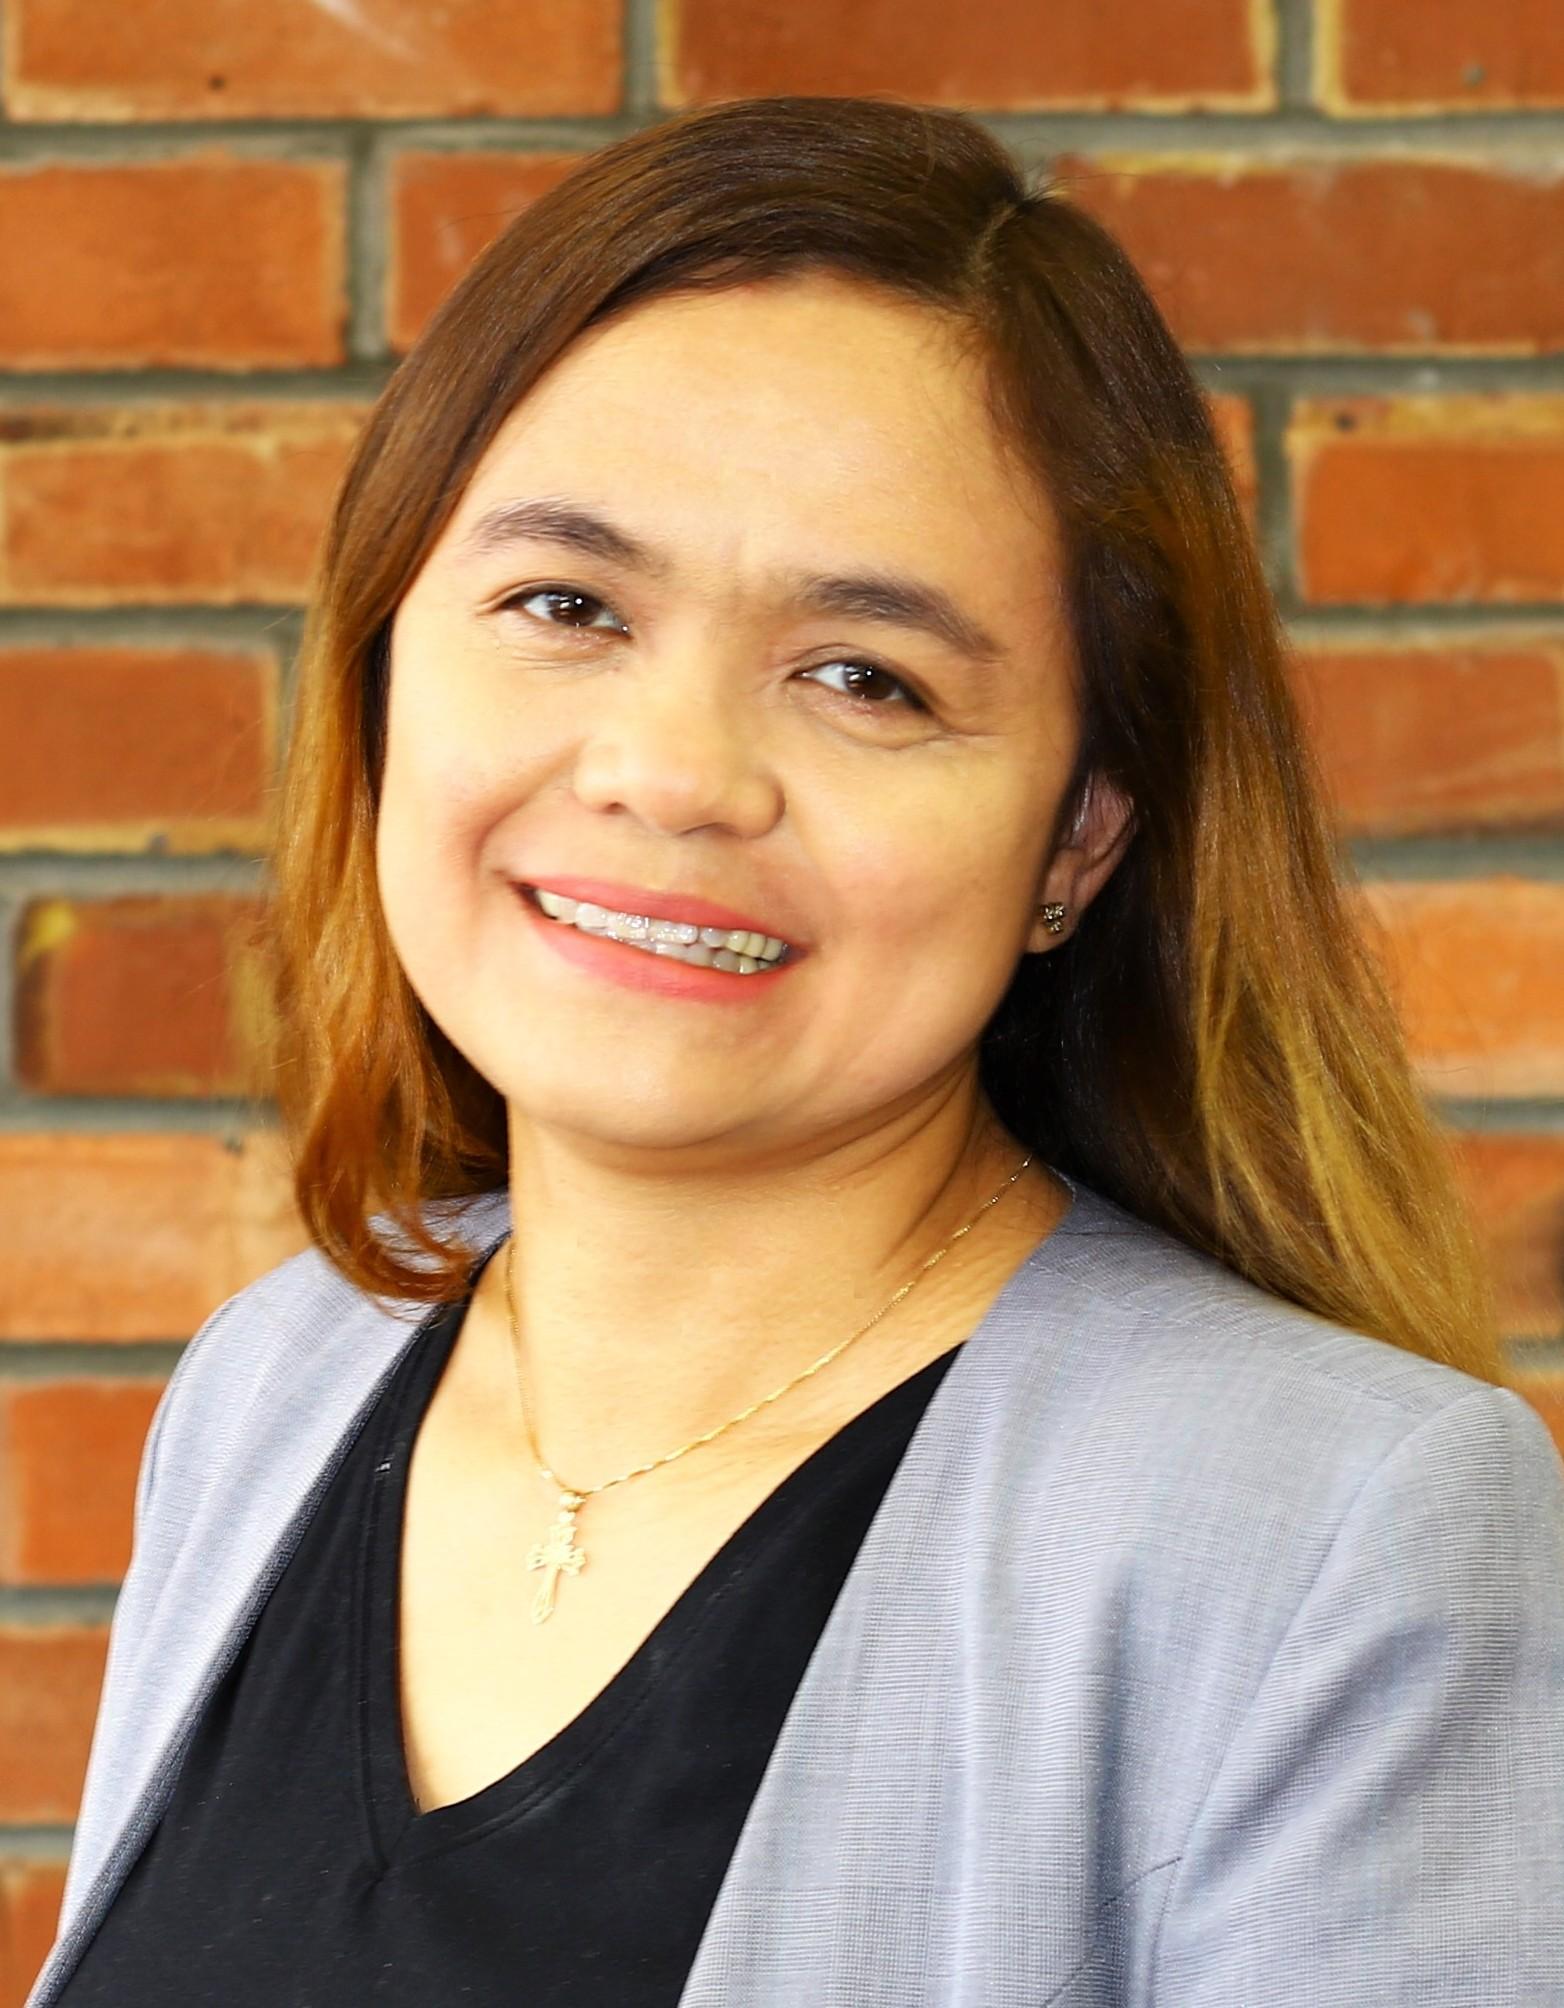 Jelvine Cortez